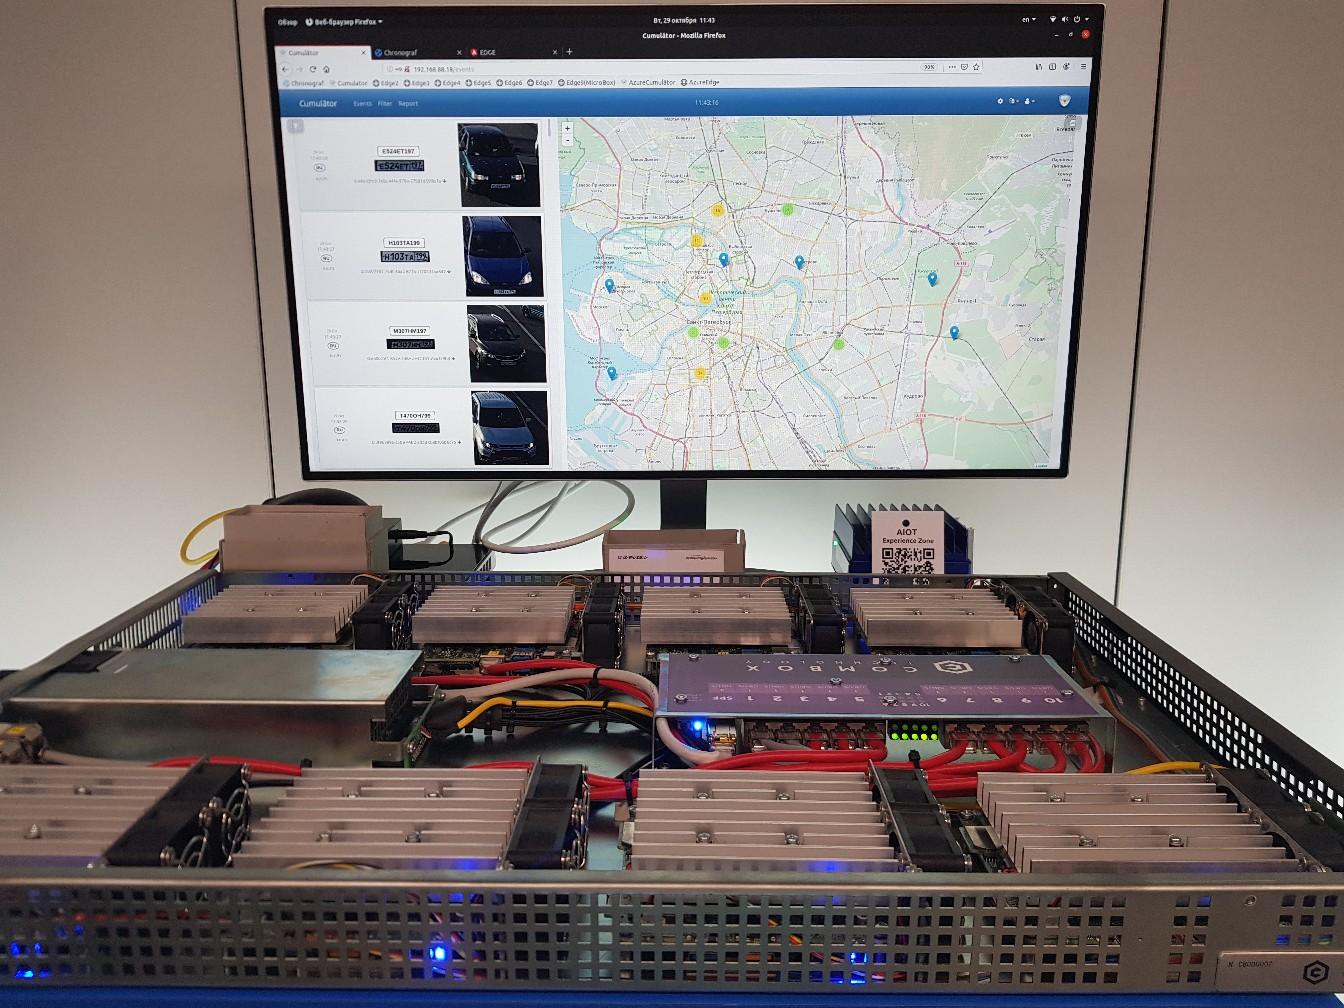 Сервер на базе Intel NUC, который осуществляет обработку данных с 80 камер с агрегацией этих данных через ПО Cumulator